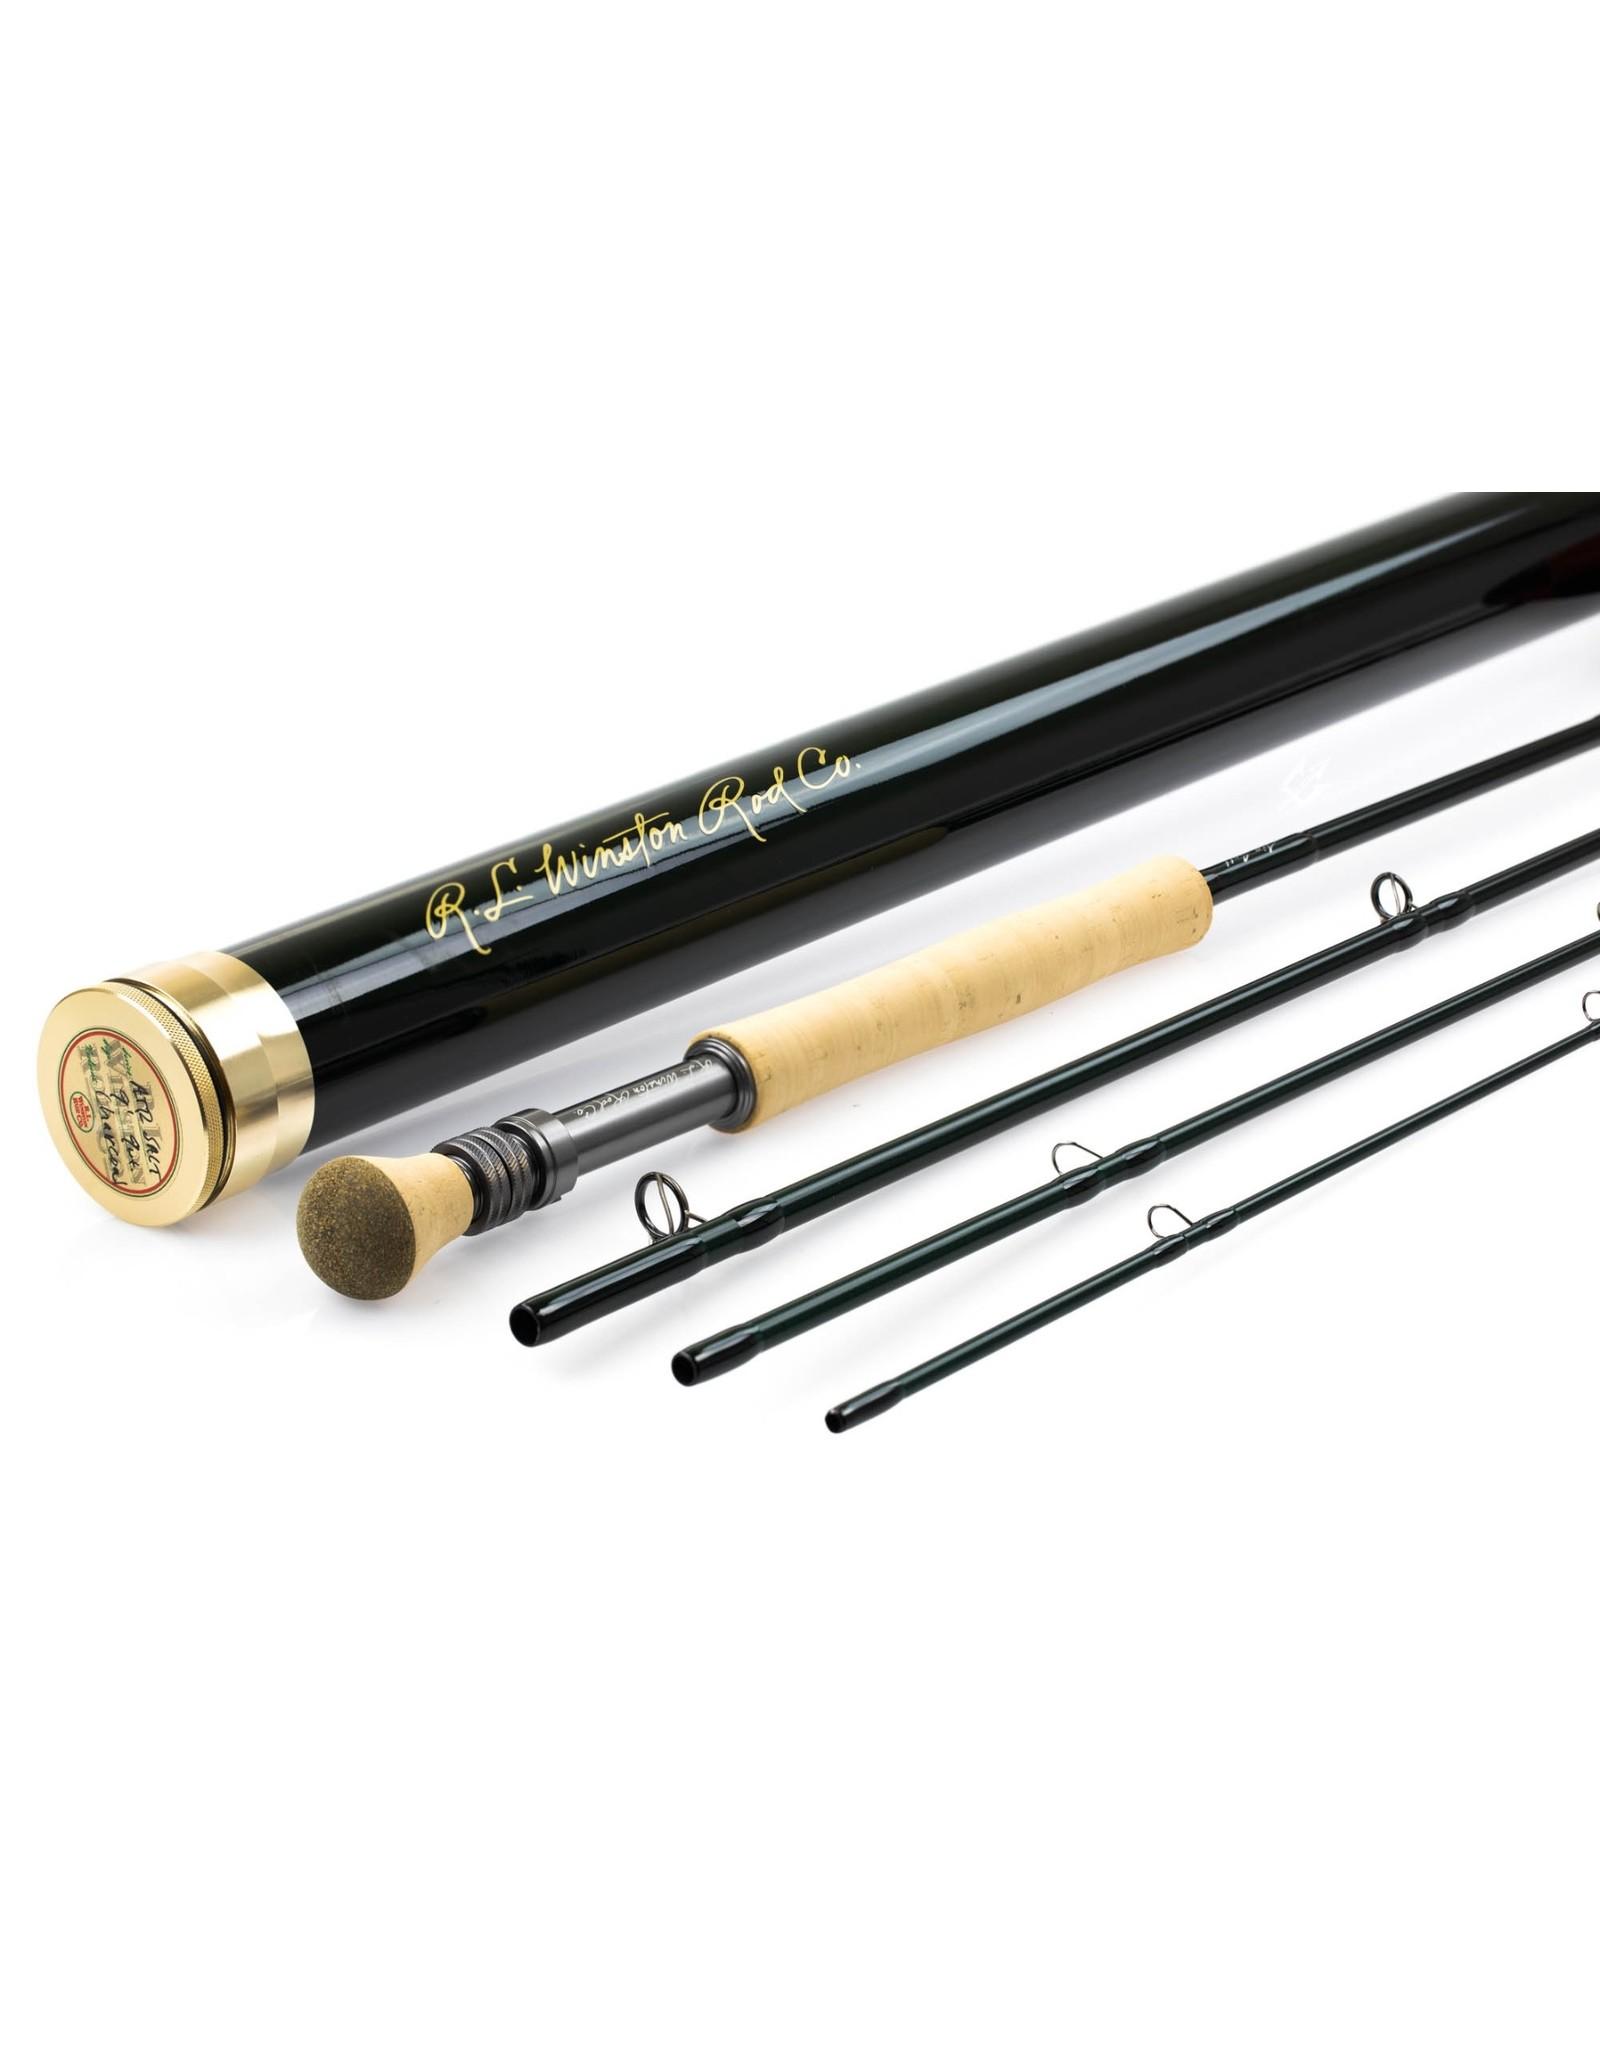 R.L.Winston R.L. Winston - Saltwater Air Rod